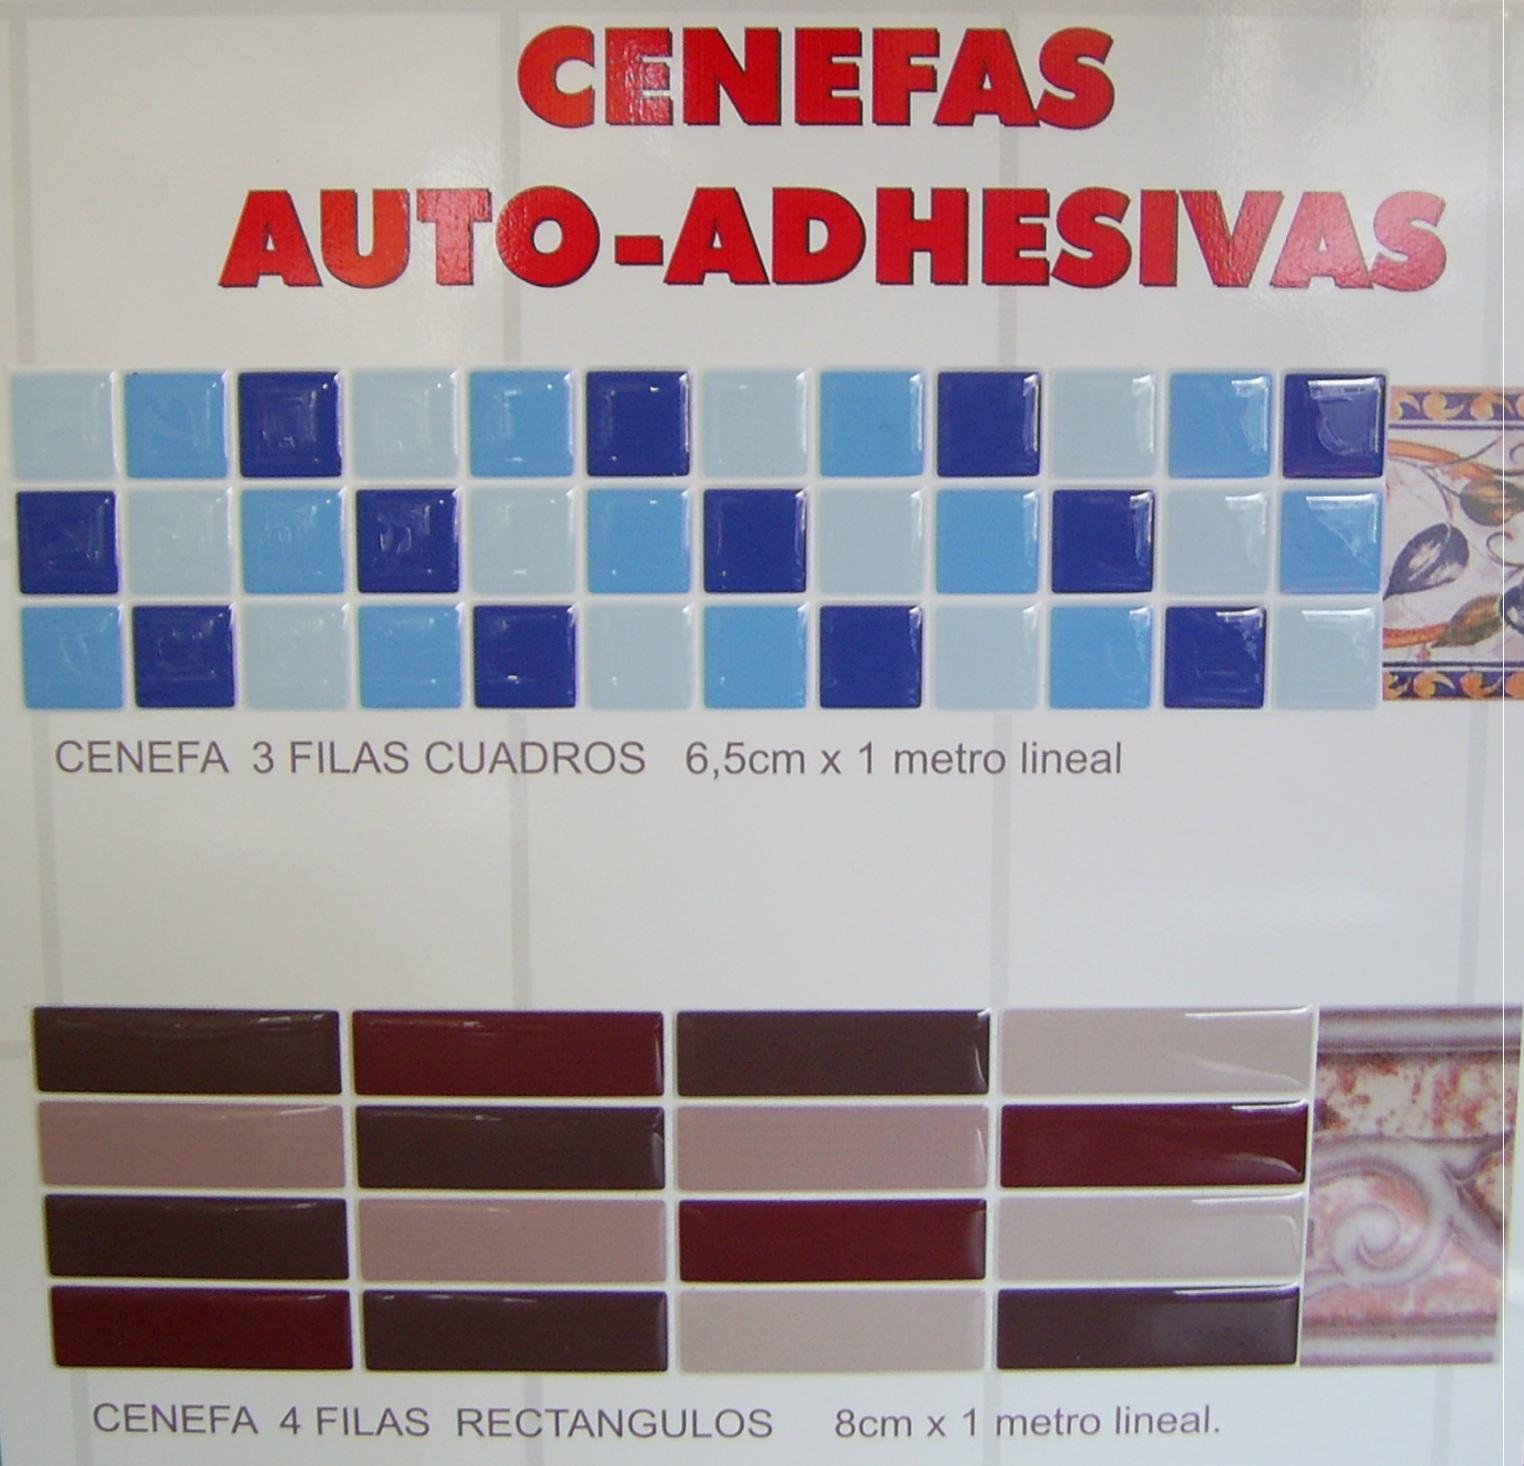 Decorar cuartos con manualidades cenefas adhesivas ba os - Cenefas adhesivas cocina ...